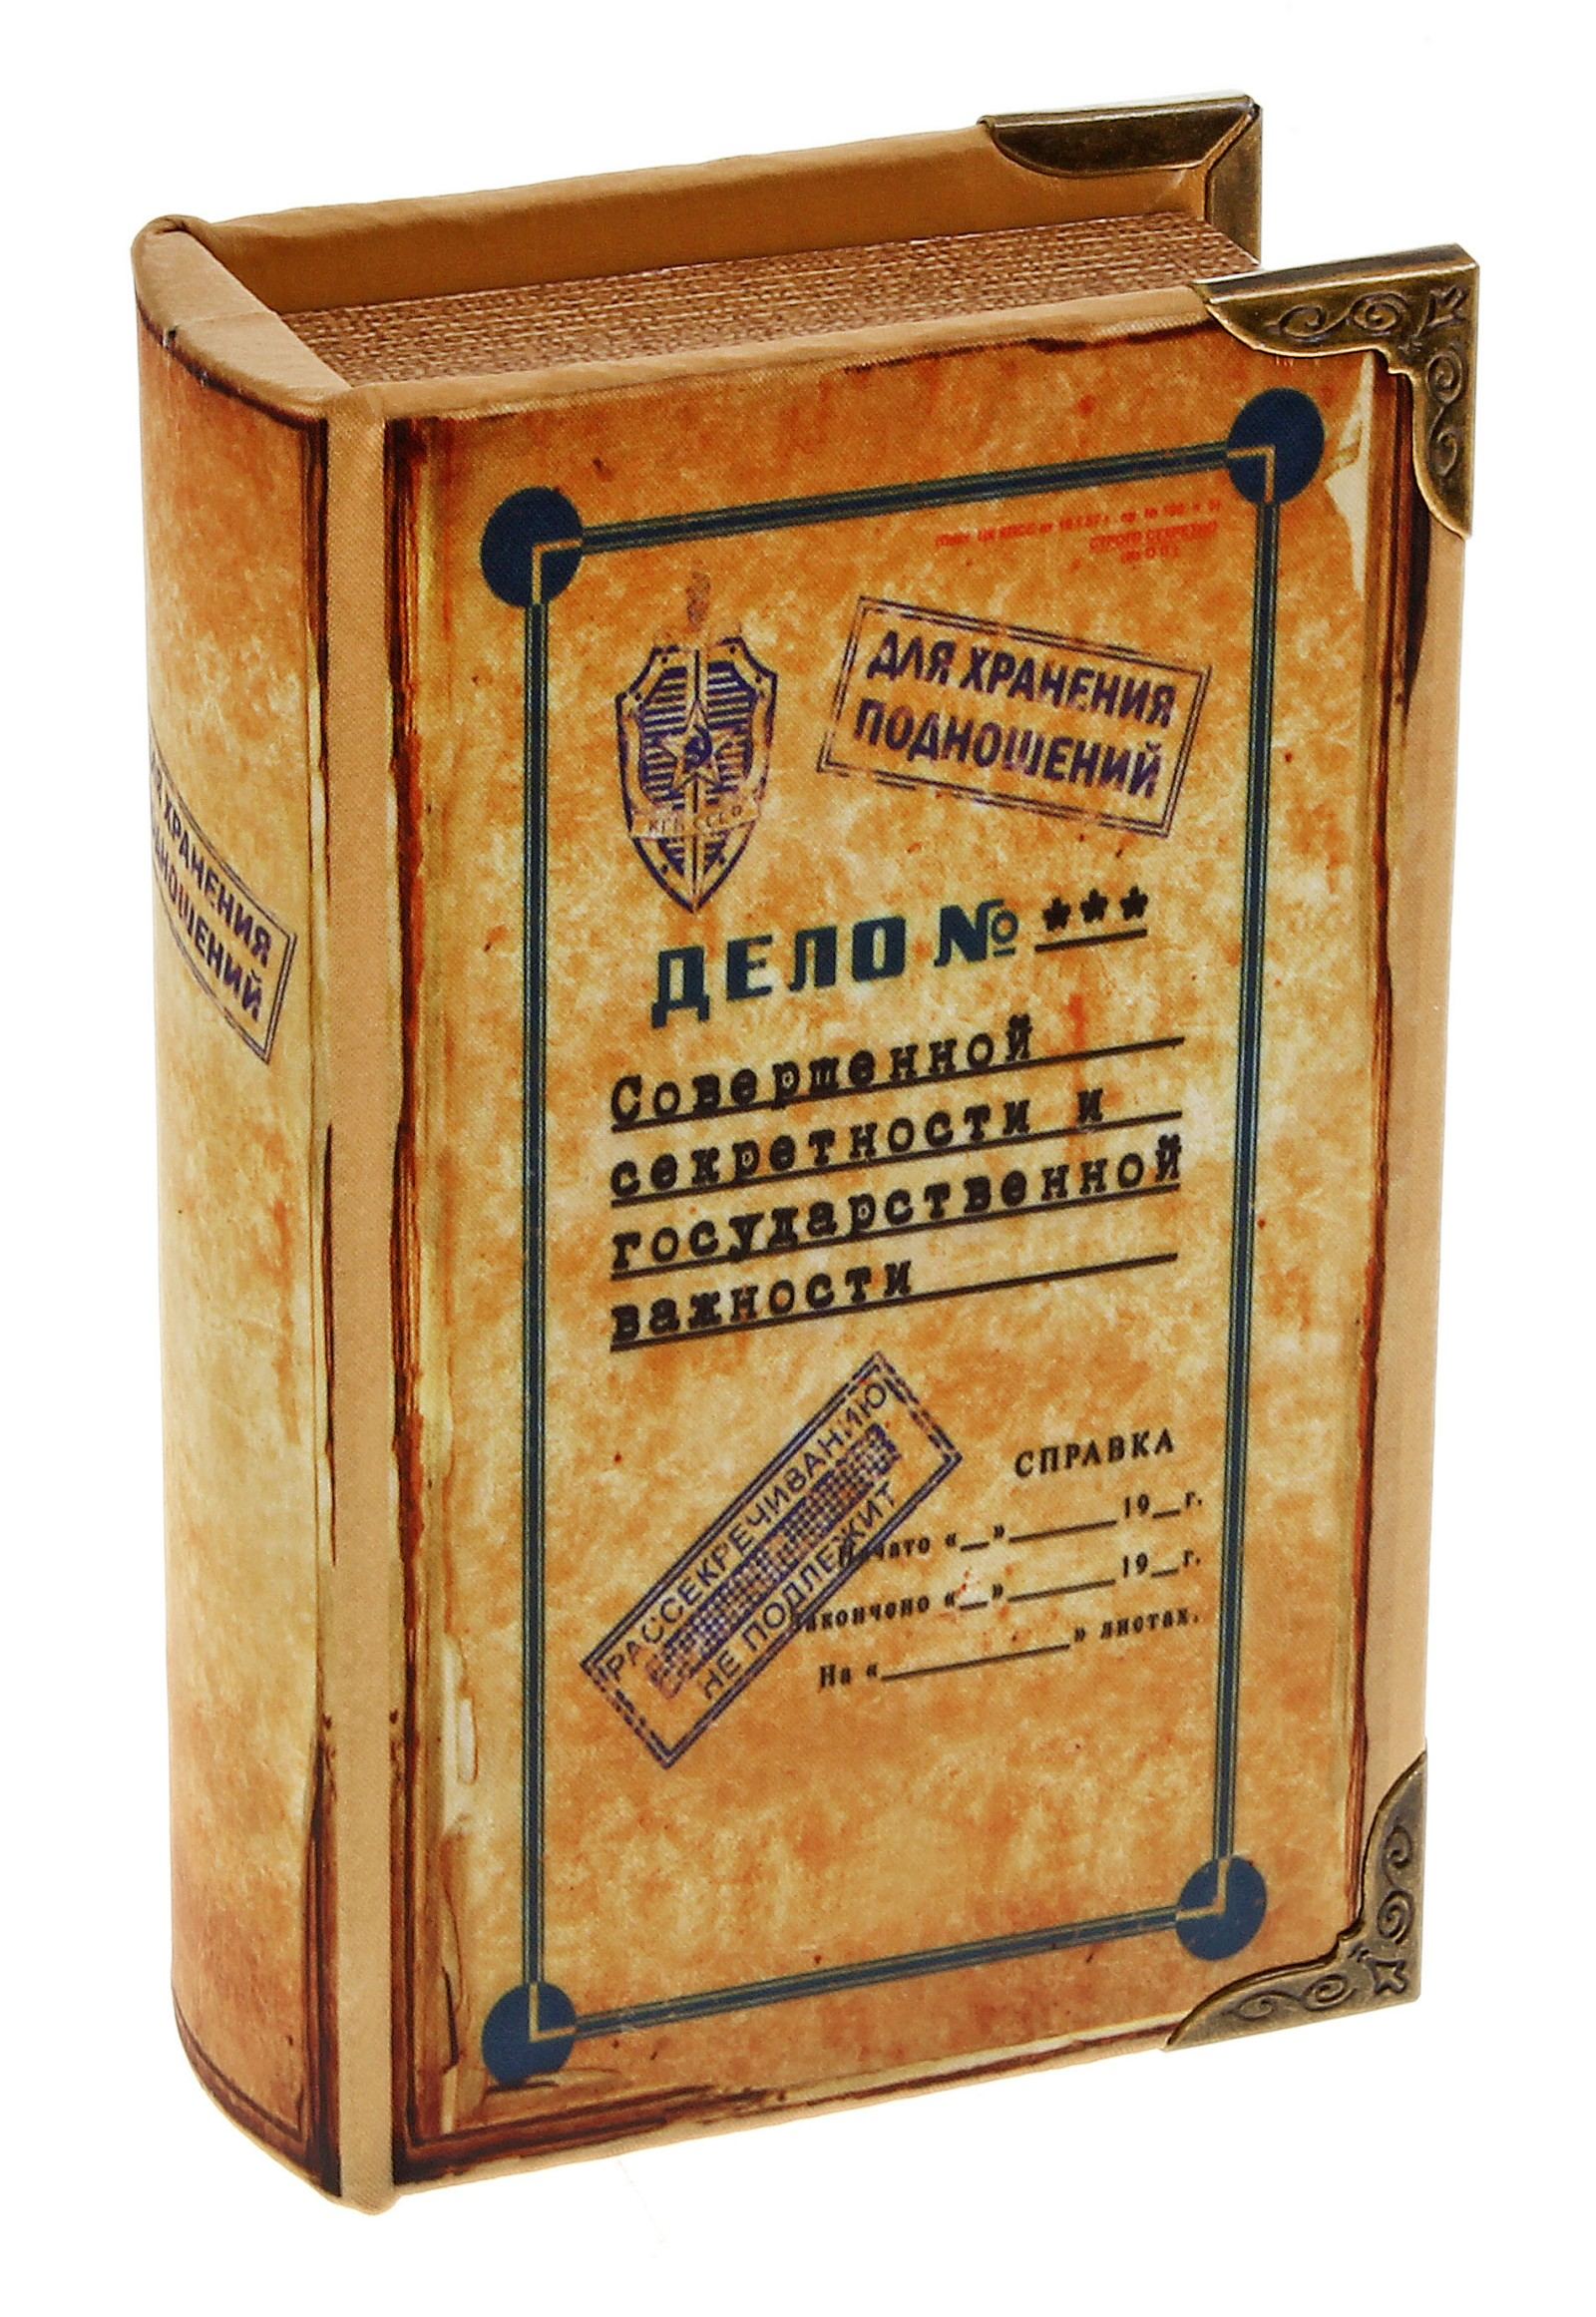 Шкатулка-книга Дело совершенной секретности480425Шкатулка-книга Дело совершенной секретности, изготовленная из дерева и обтянутая шелком - отличный подарок, подчеркивающий яркую индивидуальность того, кому он предназначается.Такая шкатулка может использоваться в качестве сейфа, украшения интерьера или для хранения важных мелочей. Характеристики:Материал: дерево, шёлк. Цвет: коричневый. Размер шкатулки (в закрытом виде): 17 см х 11 см х 5 см. Размер упаковки: 18 см х 12 см х 6 см. Артикул: 480425.